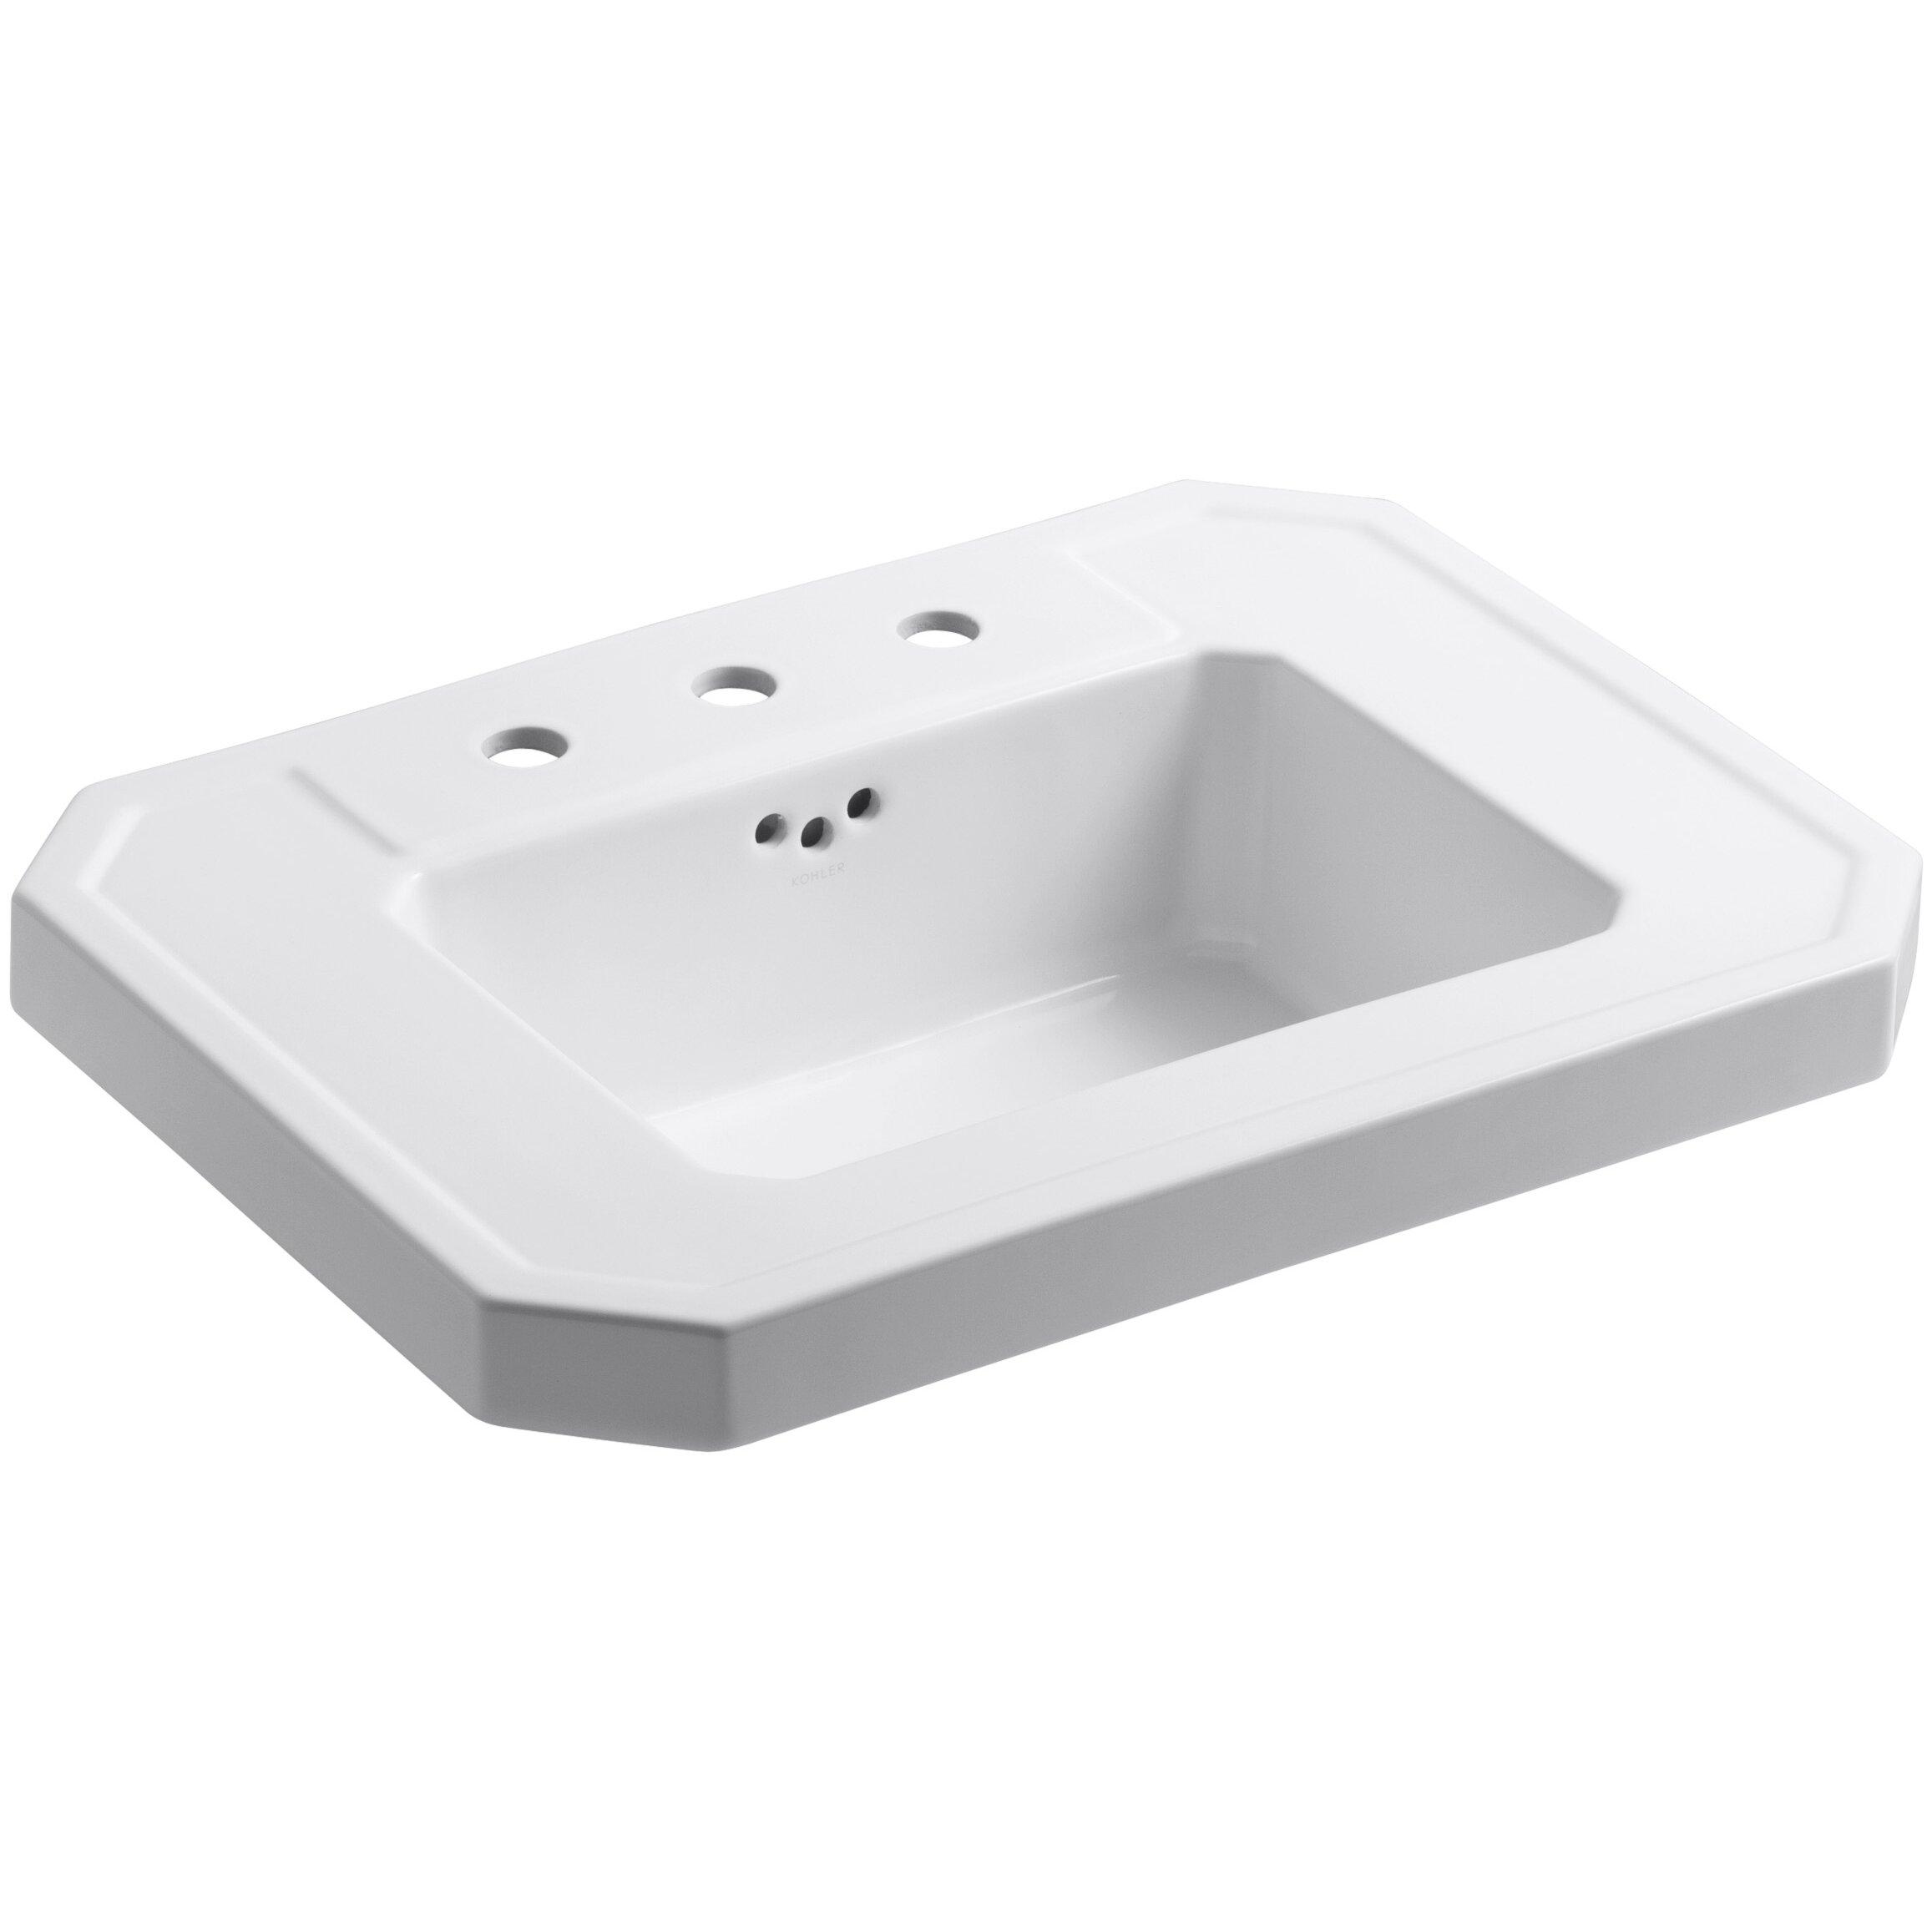 Kohler Kathryn Bathroom Sink Basin Wayfair